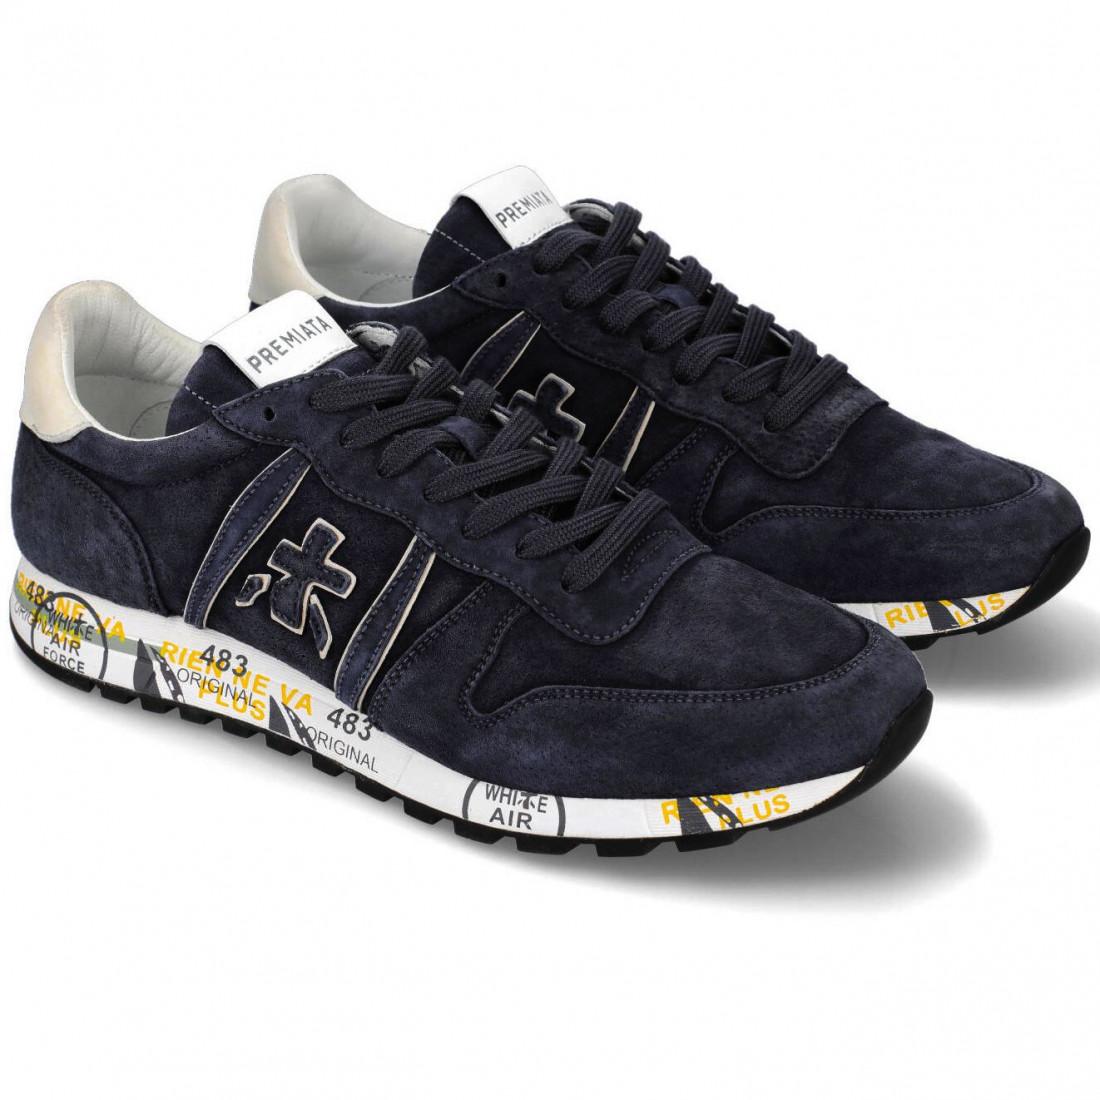 sneakers herren premiata eric5373 8885